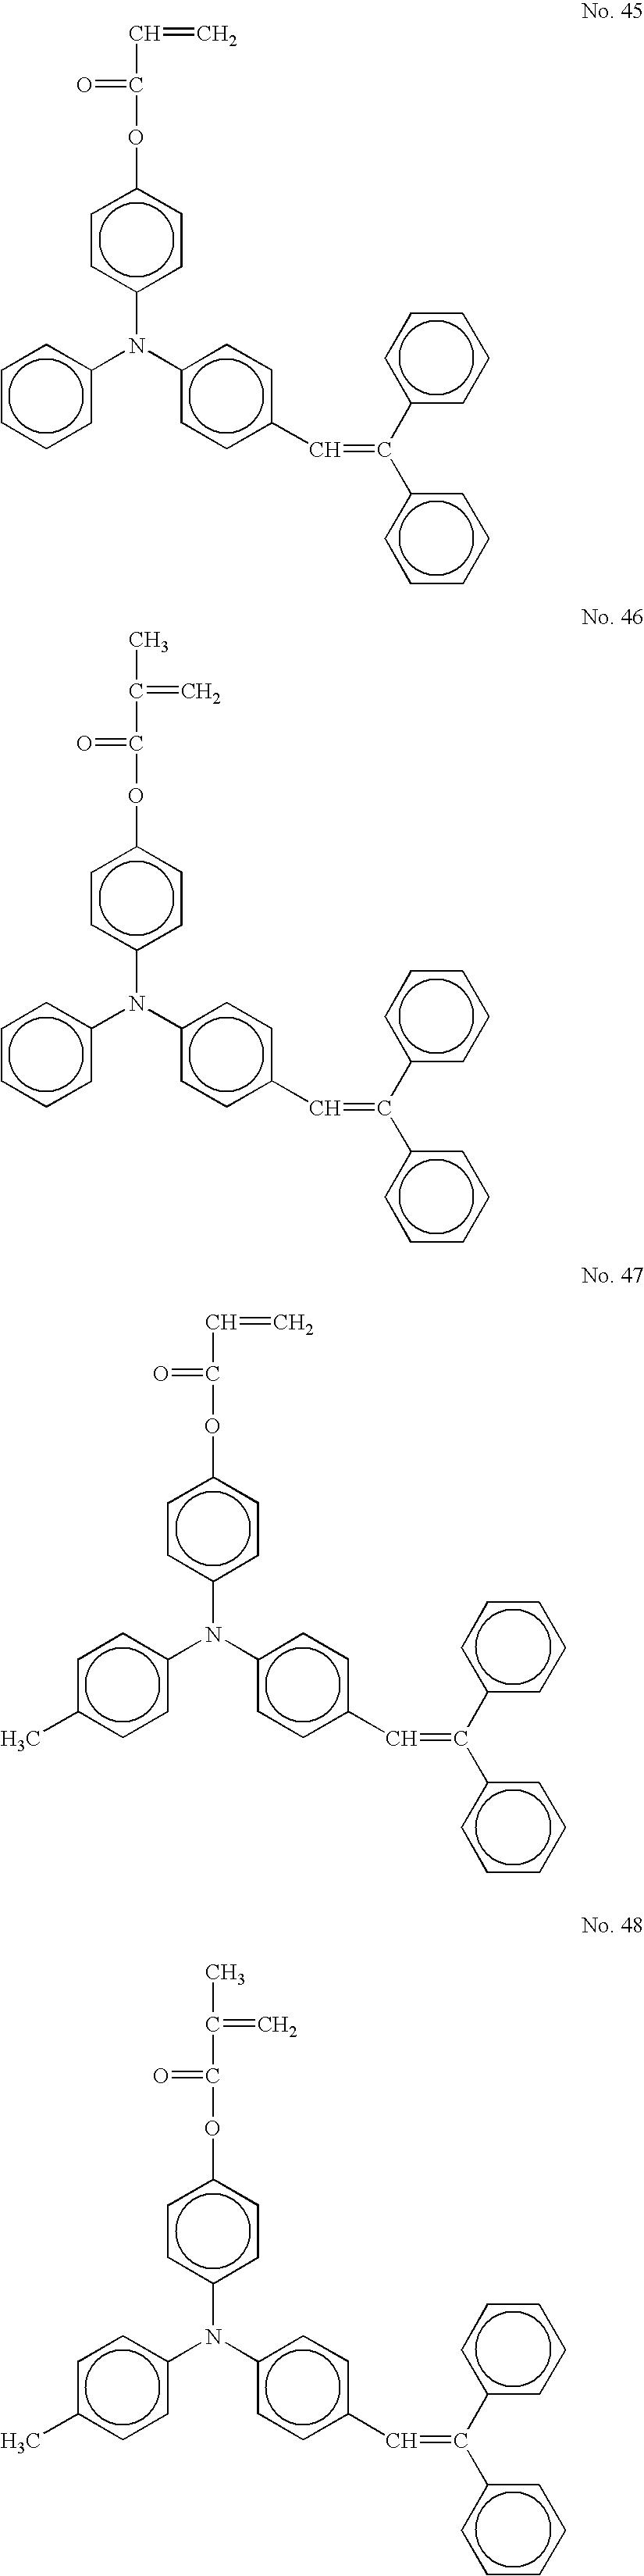 Figure US20050175911A1-20050811-C00017